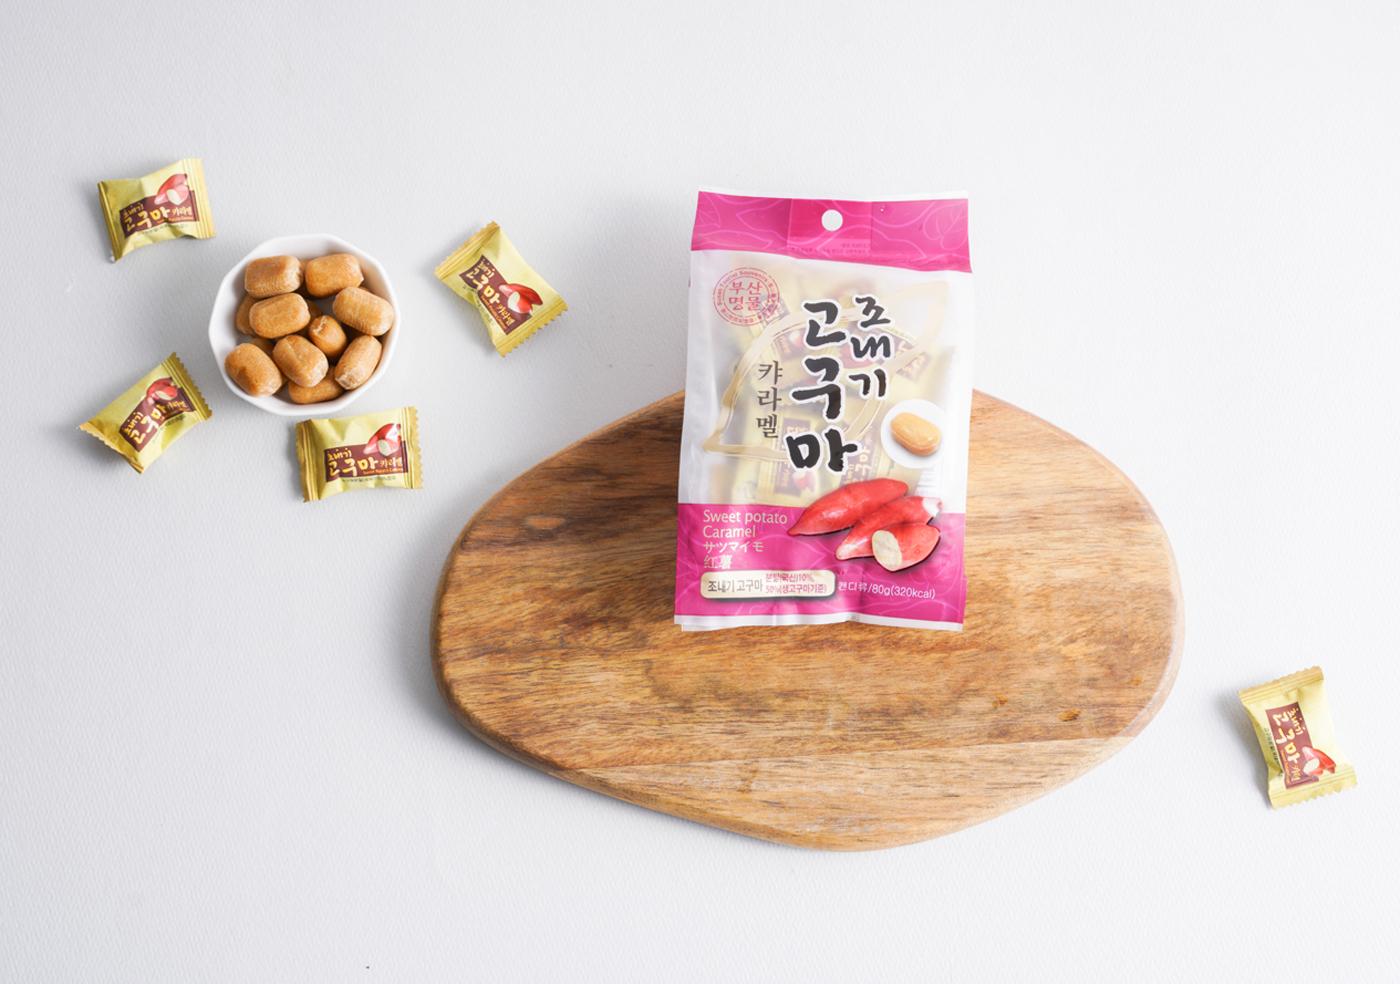 조내기 고구마 카라멜(80g)/고구마 50%가 함유되어 이에 달라붙지 않는 달콤 카라멜 상세이미지1